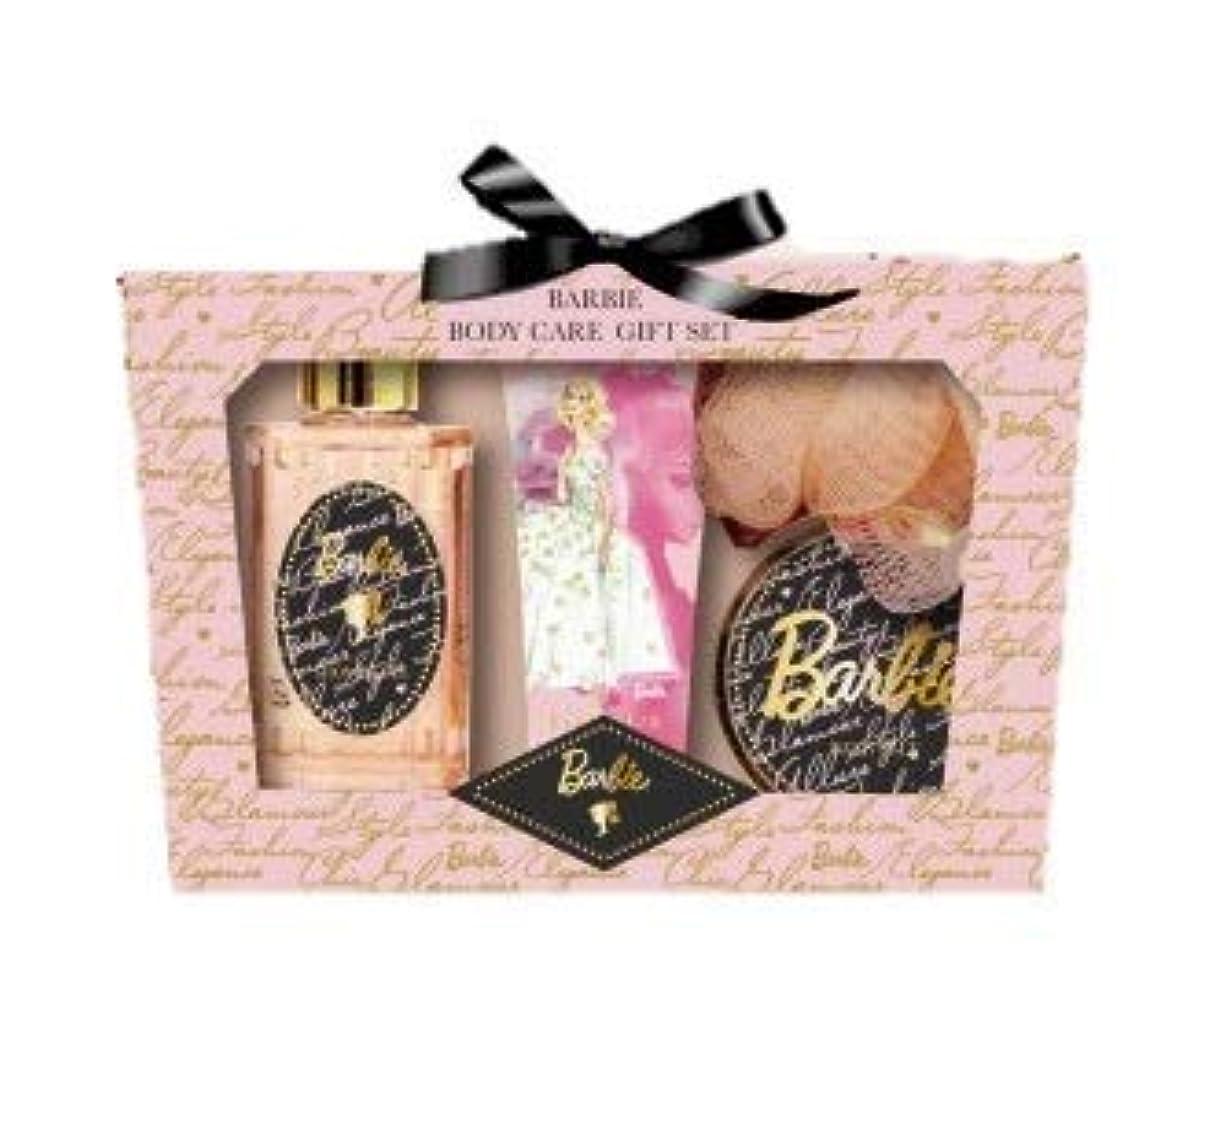 上下する仮説チューリップヒューマンリンク Barbie (バービー) ボディケア ギフトセット (ローズ&ピオニーの香り) プレゼント [ハンドクリーム/シャワージェル/バスソルト/スポンジ] 入浴剤 バススポンジ ボディソープ